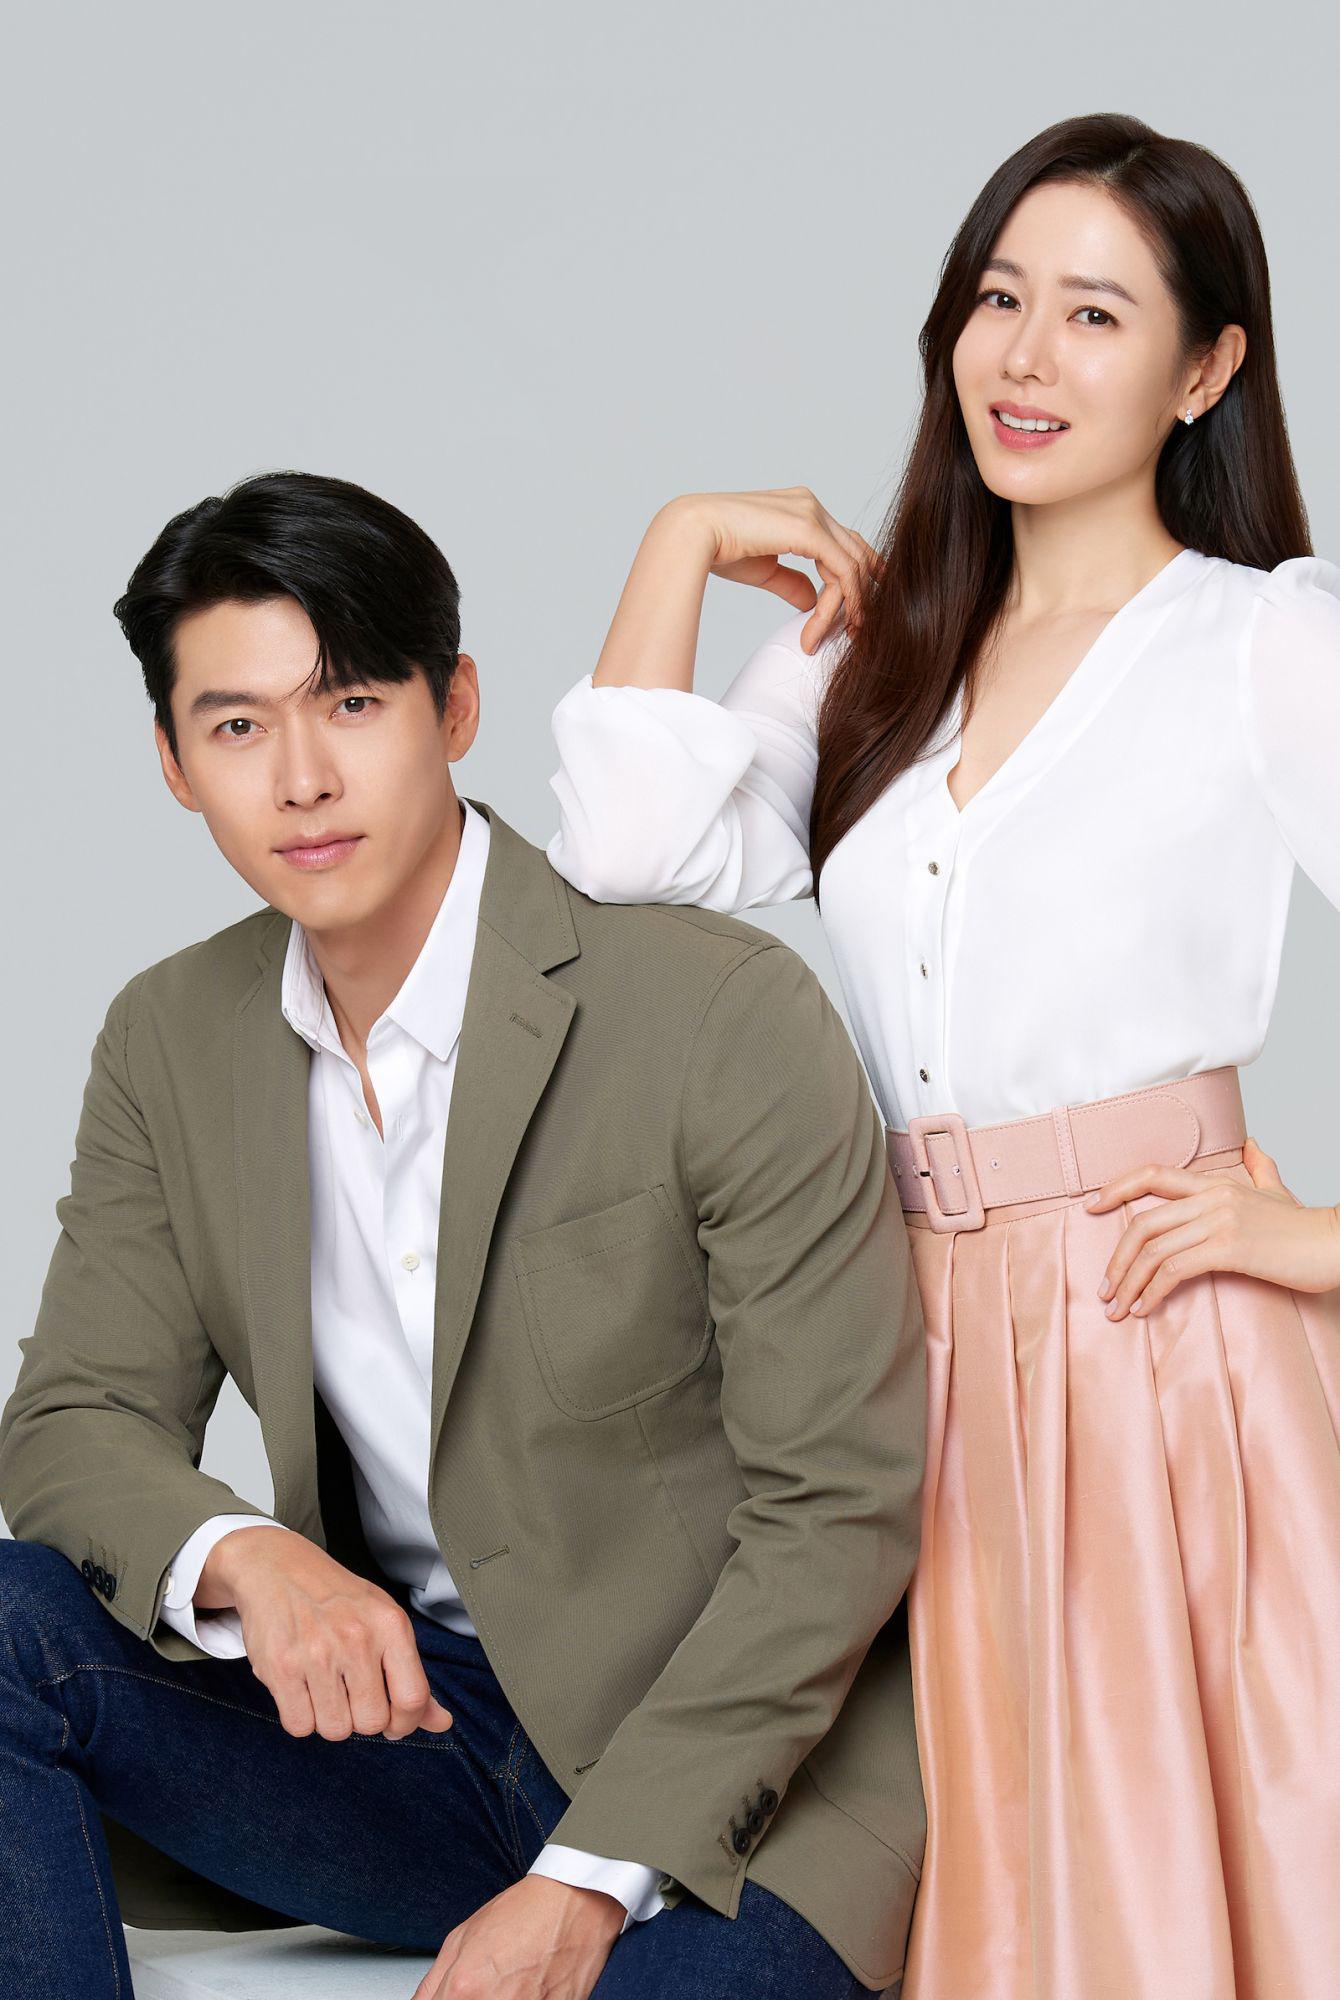 Hồi tháng 2, Hyun Bin lần đầu lộ diện cùng Son Ye Jin kể từ khi lộ chuyện hẹn hò. Cặp sao được mời làm đại diện cho một hãng viễn thông lớn nhất Philippines. Theo Naver, fan châu Á phấn khích khi loạt ảnh và video quảng cáo của họ được tung ra đúng dịp Valentine. Đa số khán giả khen họ tương xứng ngoại hình lẫn tài năng và mong đôi uyên ương sớm tổ chức đám cưới.Hyun Bin sinh năm 1982, tên thật là Kim Tae Pyung. Anh chạm ngõ màn ảnh năm 2003, nổi tiếng với Tôi là Kim Sam Soon, Thế giới họ đang sống, Khu vườn bí mật, Hạ cánh nơi anh... Anh từng hẹn hò Song Hye Kyo, Kang So Ra.